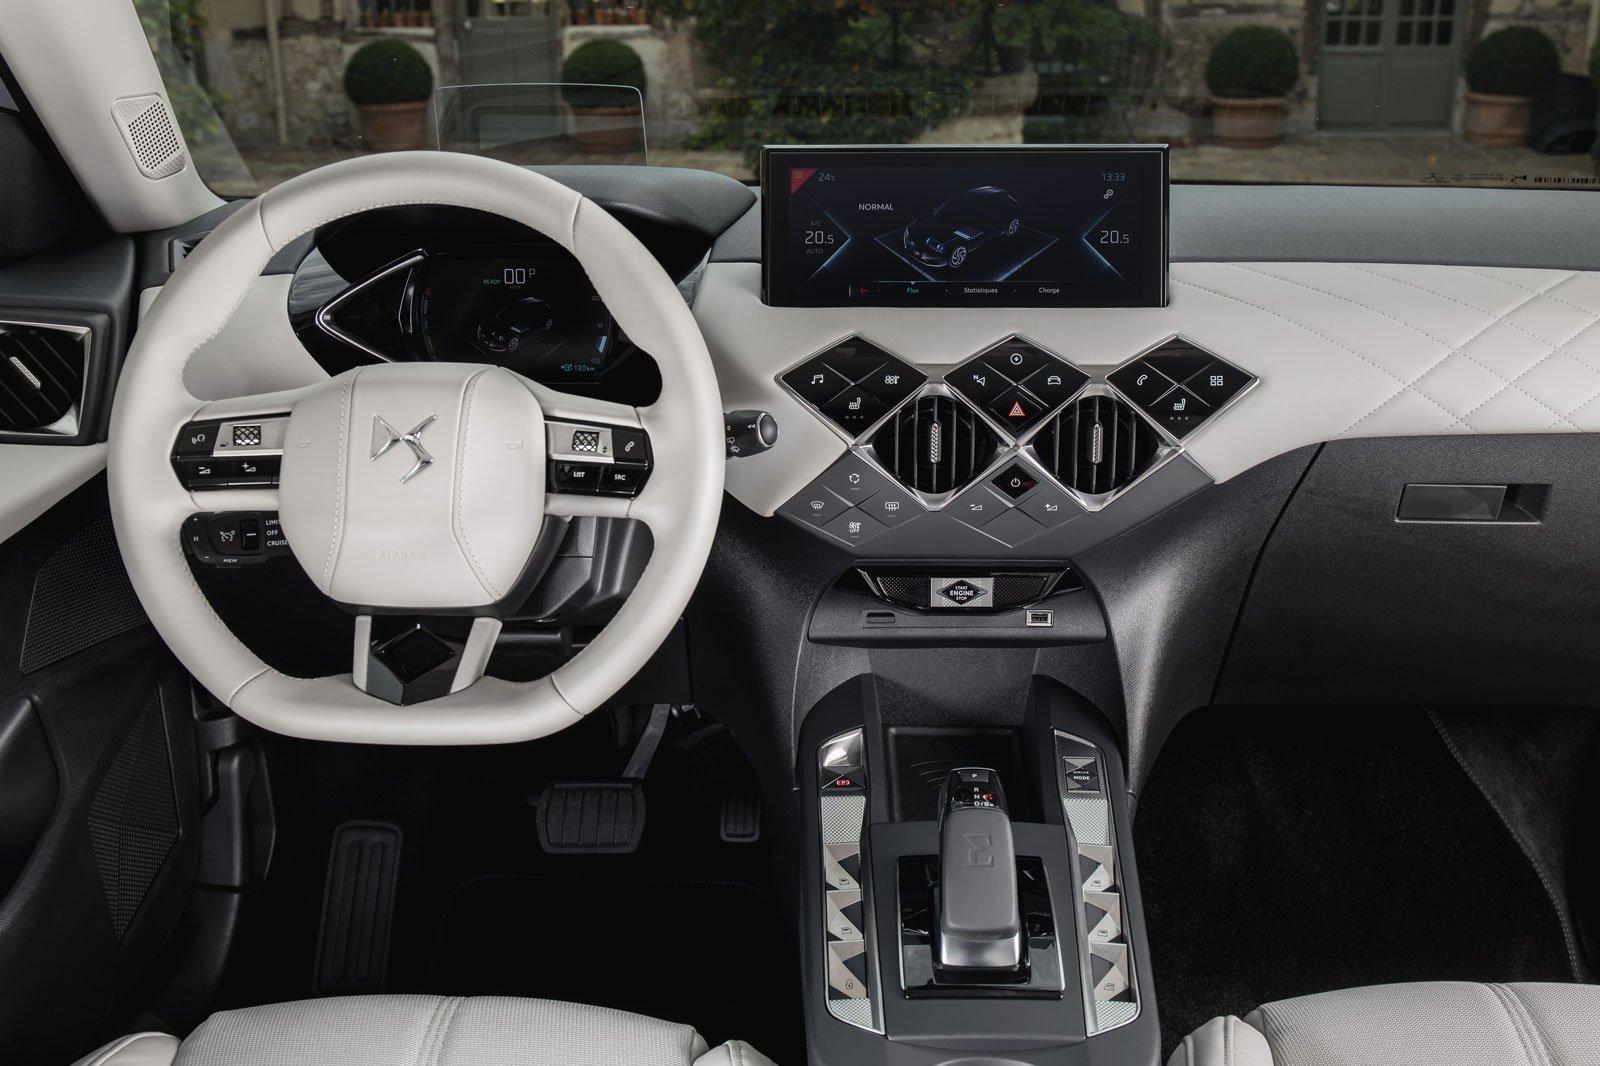 2019 DS 3 Crossback E-Tense interior dashboard